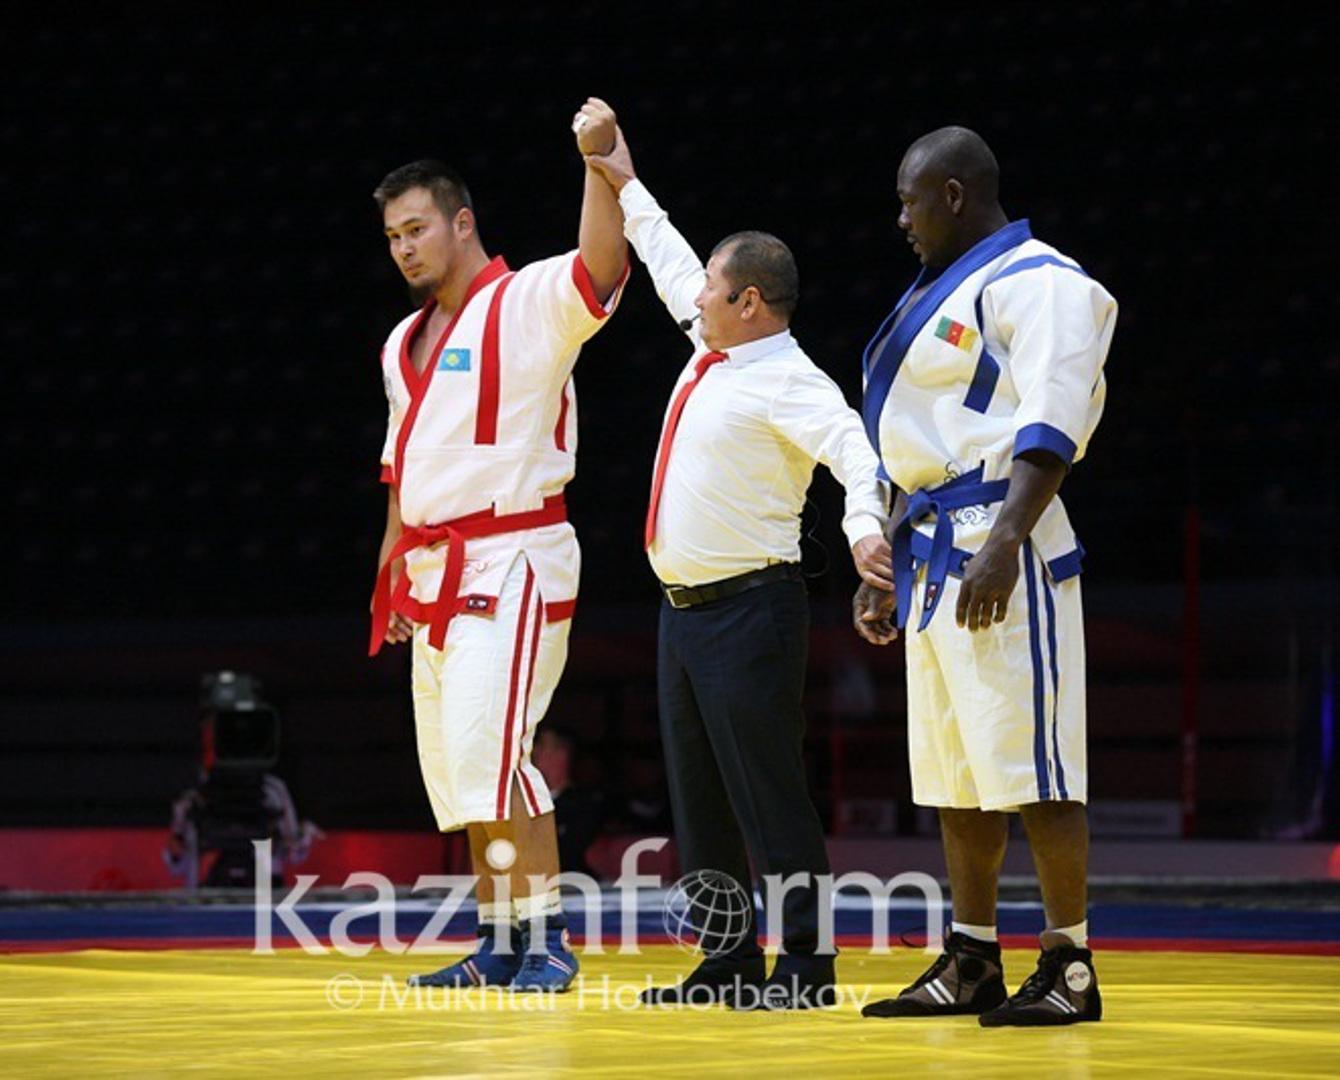 Казахстан одержал первую победу на чемпионате мира по казакша курес